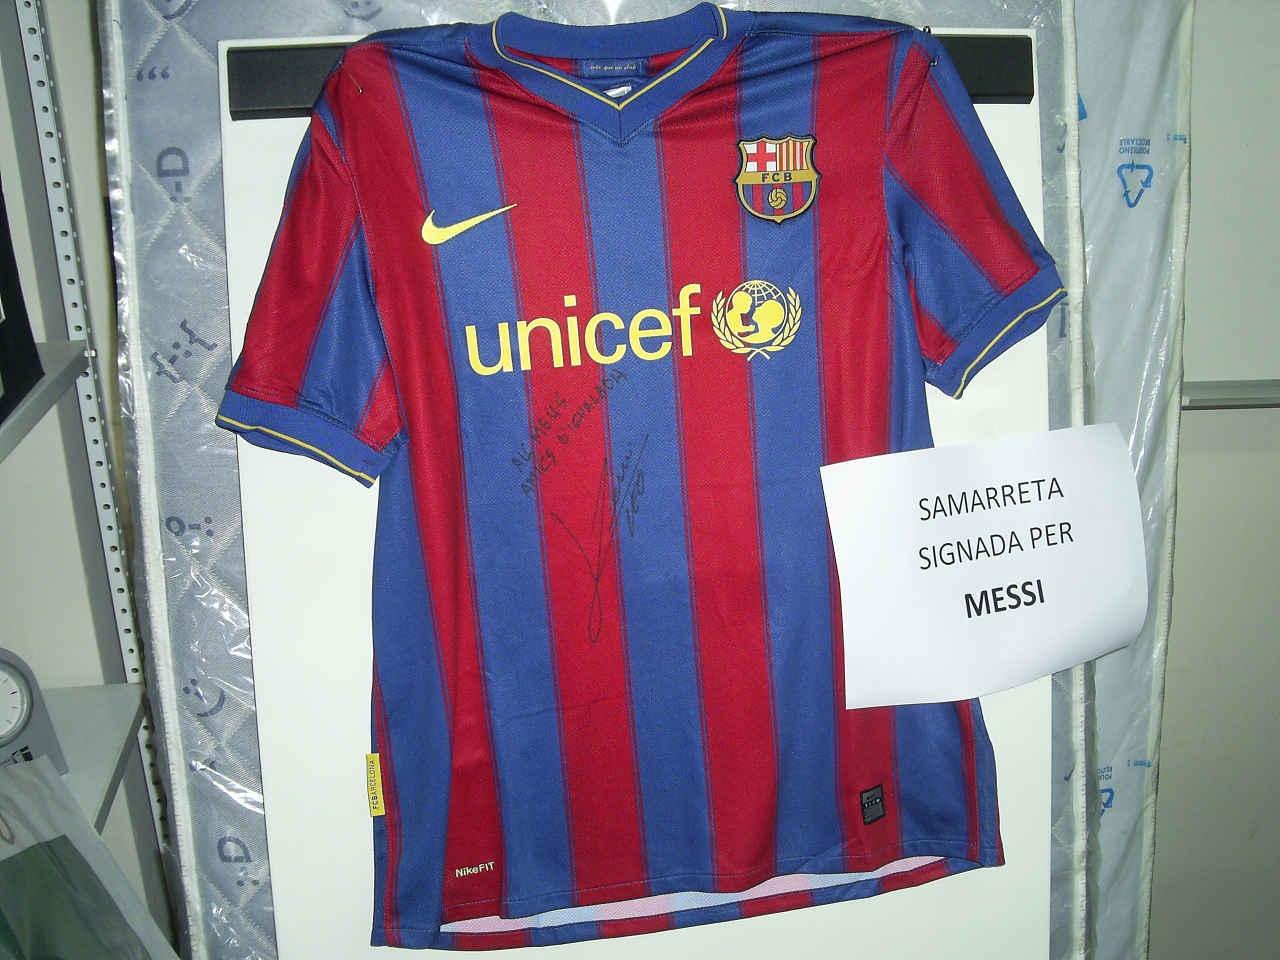 Un dels regals de la tómbola, una samarreta del Barça signada per Leo Messi